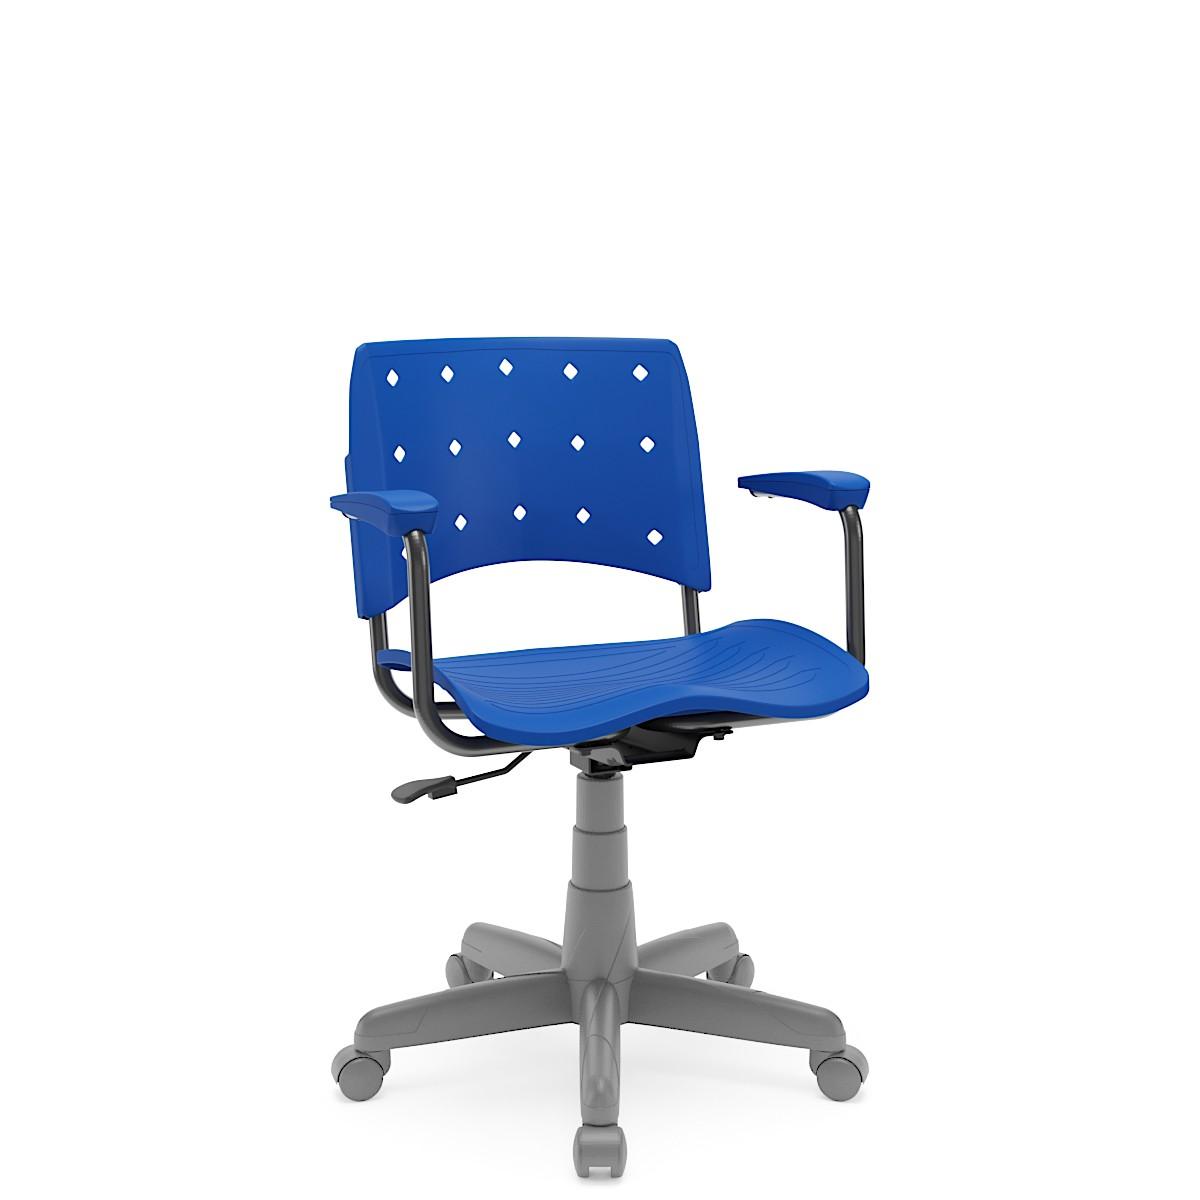 Cadeira Giratória Ergoplax Estrutura Cinza com braço Azul Plaxmetal